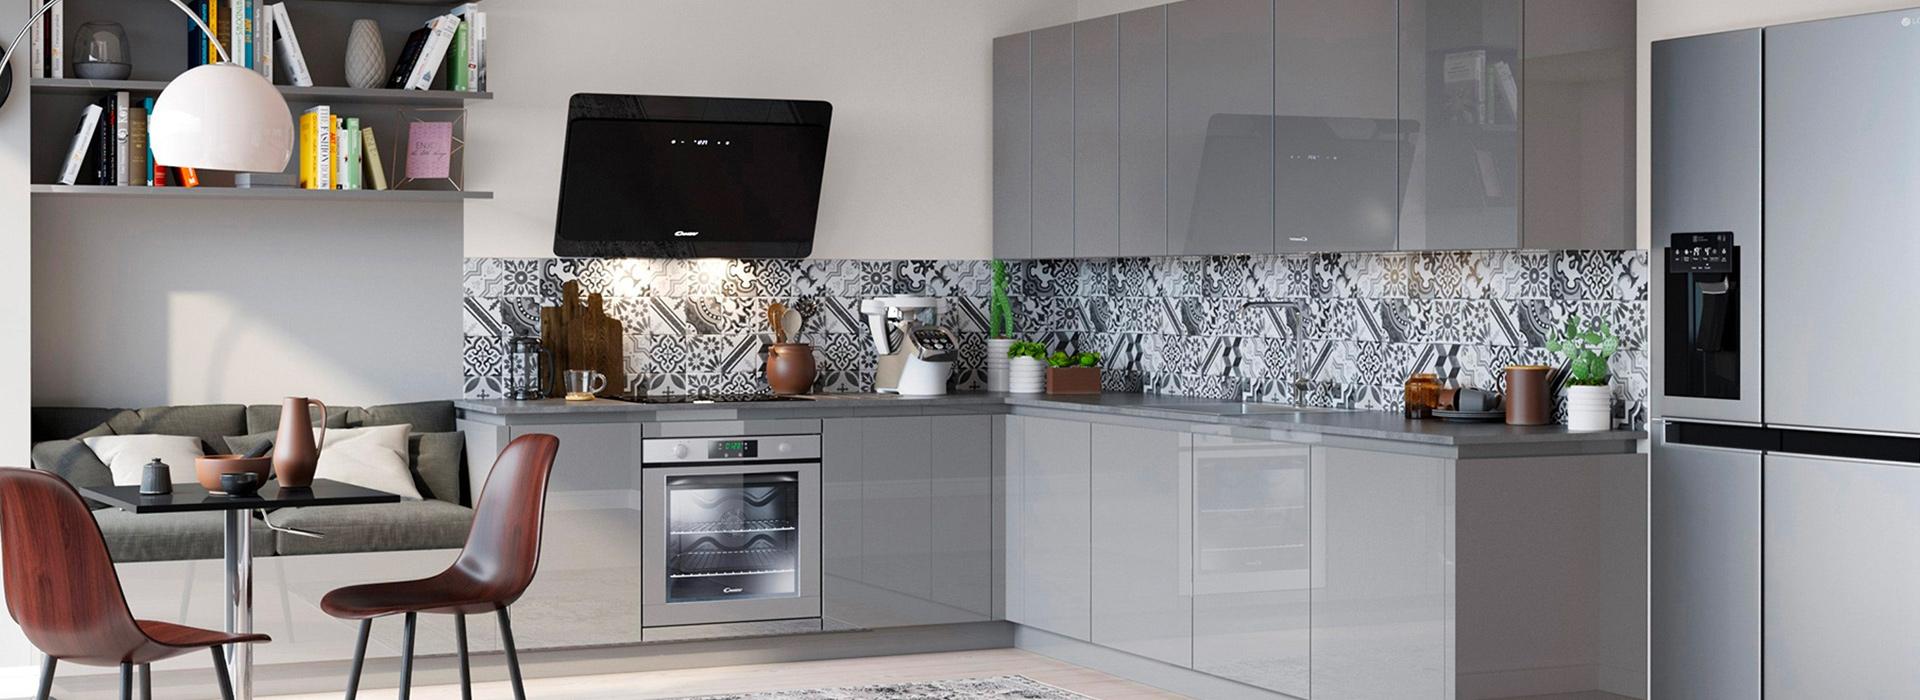 choisir une cr�dence dans la cuisine pour apporter du style